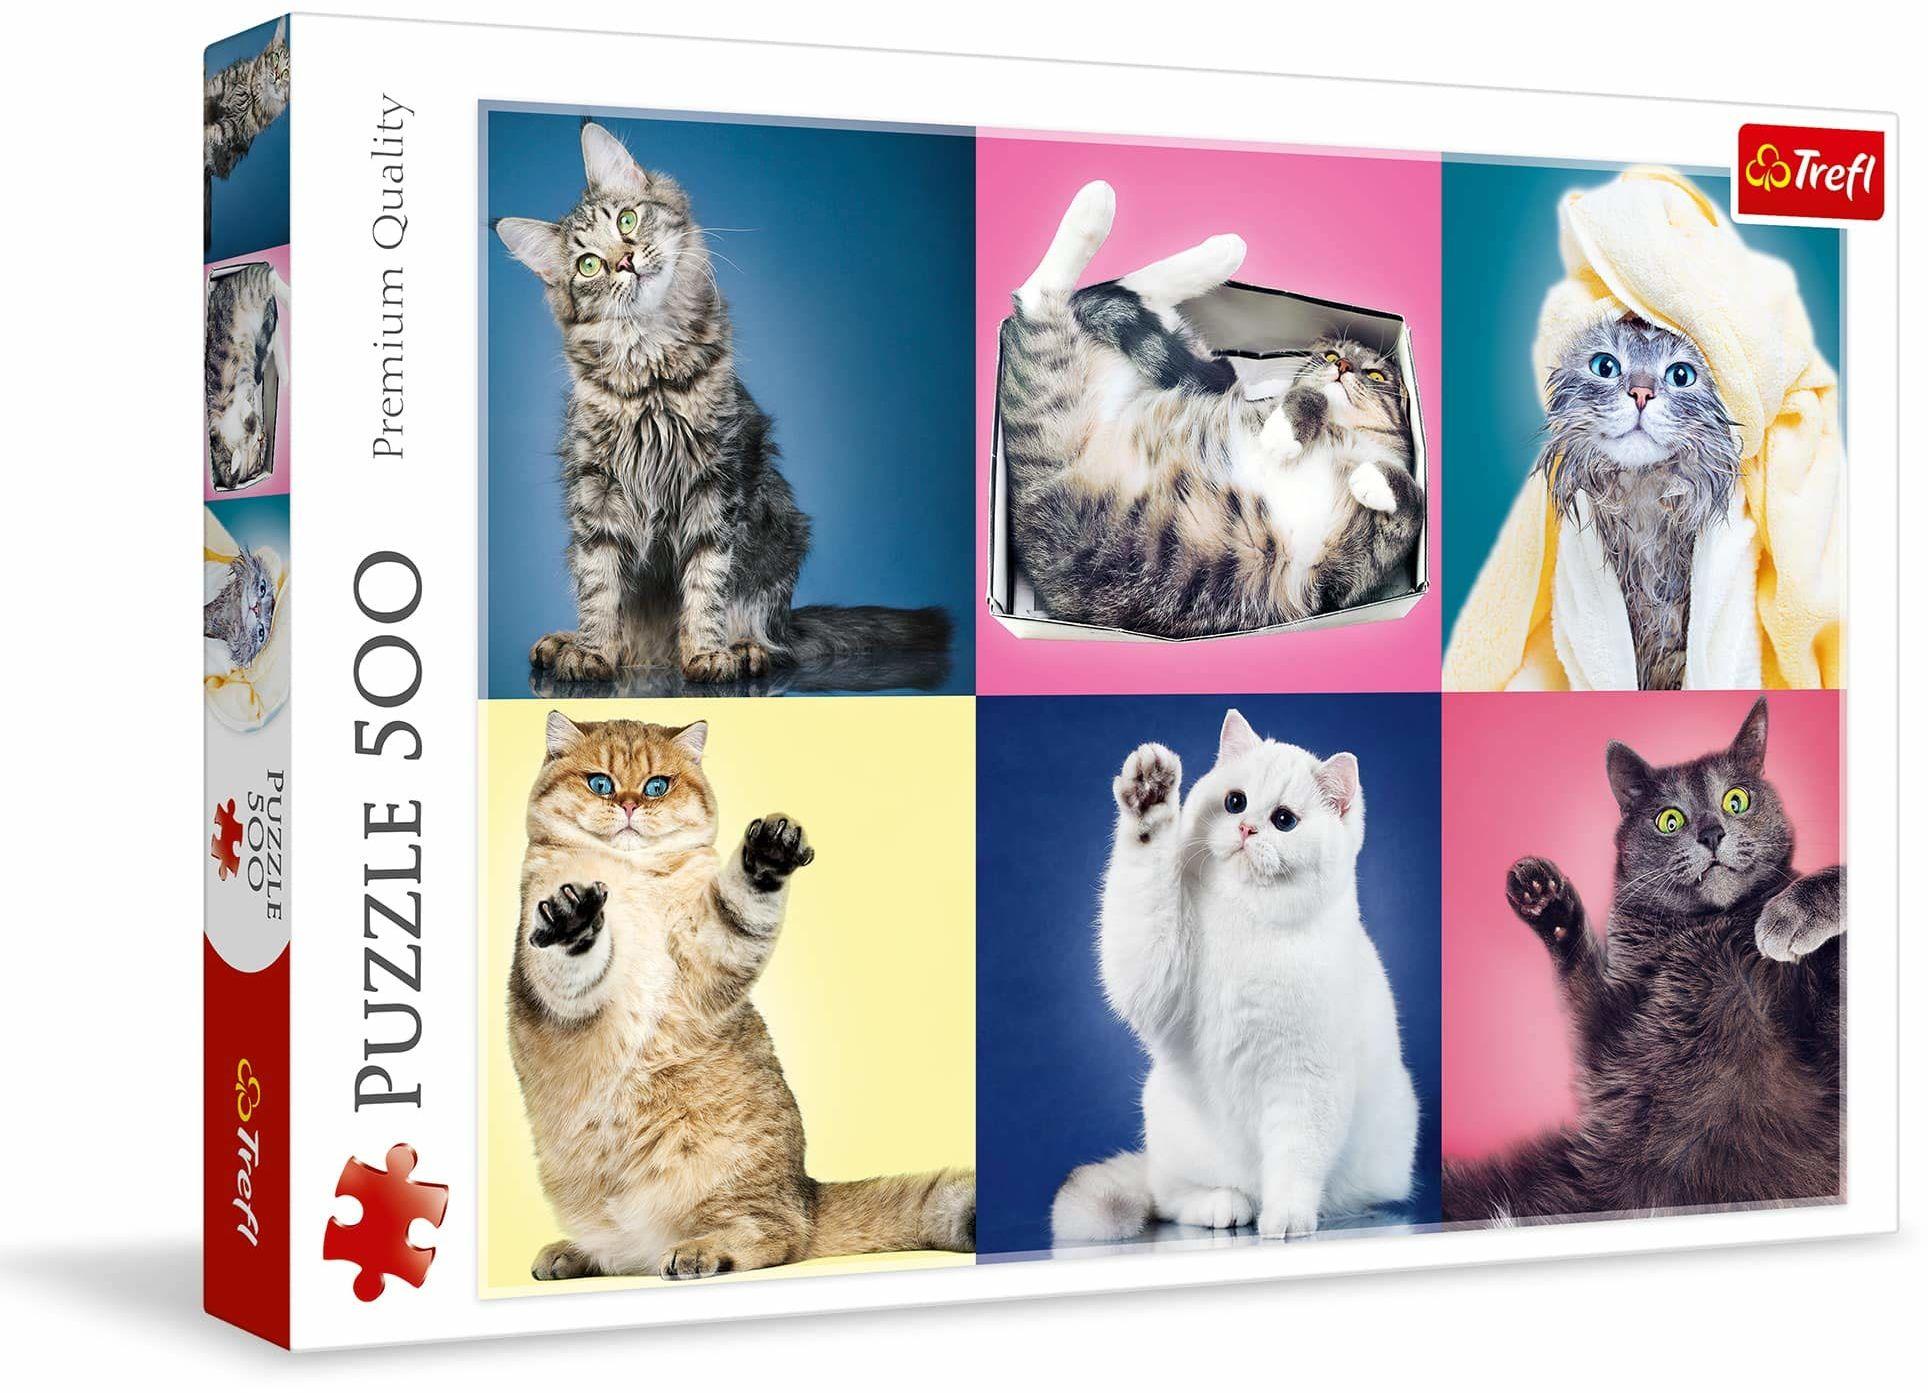 Trefl Kociaki Puzzle 500 Elementów o Wysokiej Jakości Nadruku dla Dorosłych i Dzieci od 10 lat